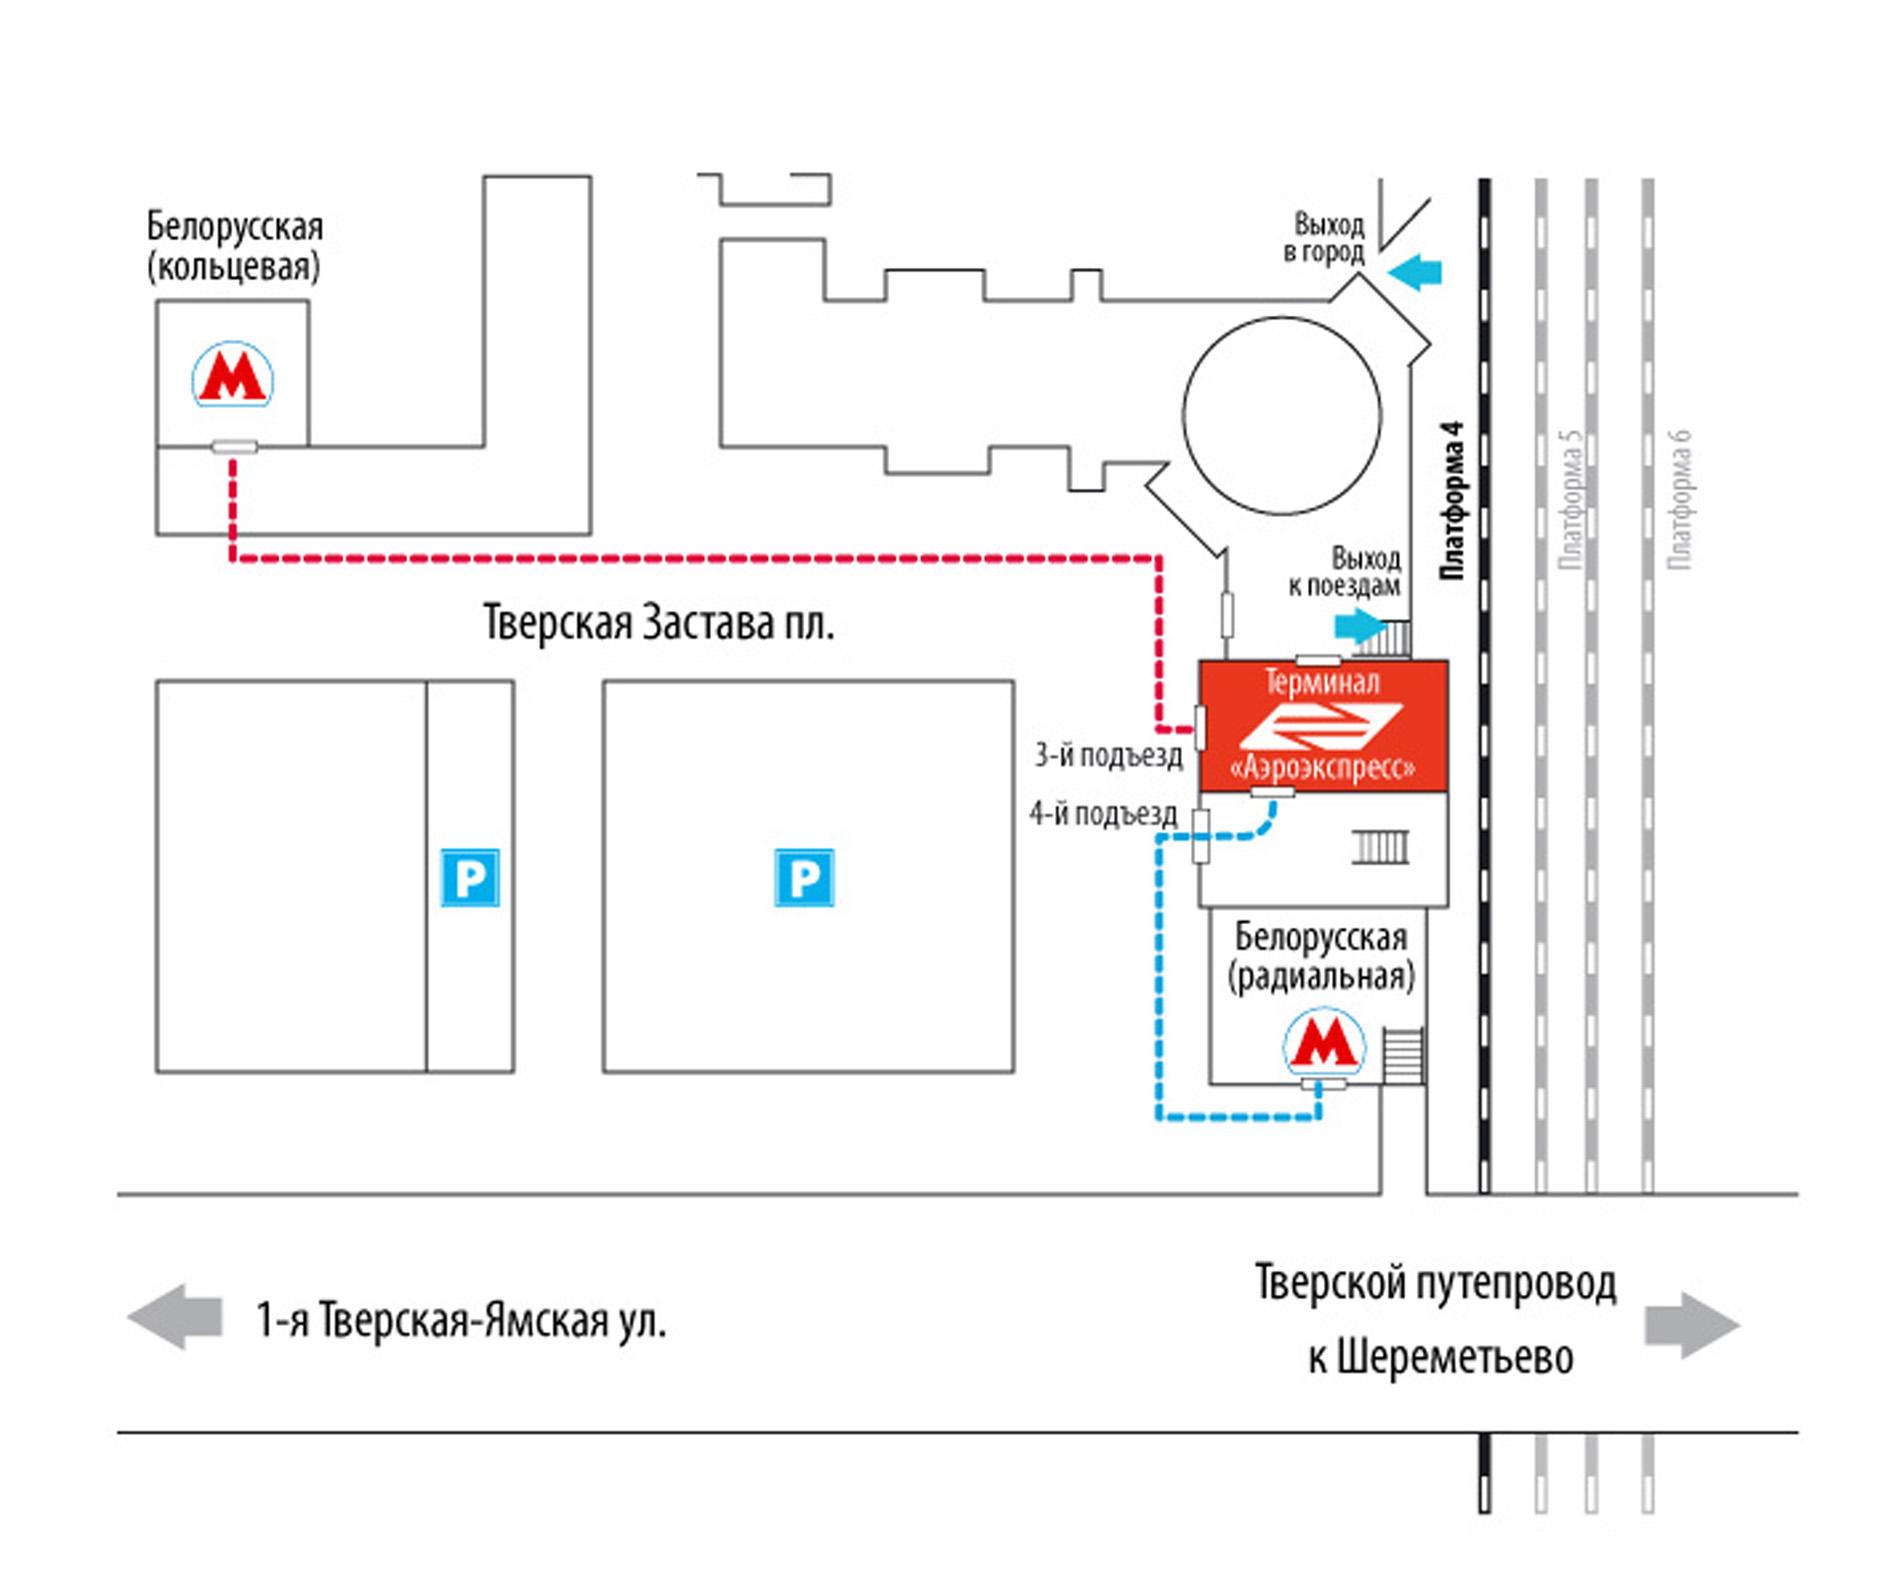 схема метро с павелецкого на белорусский вокзал